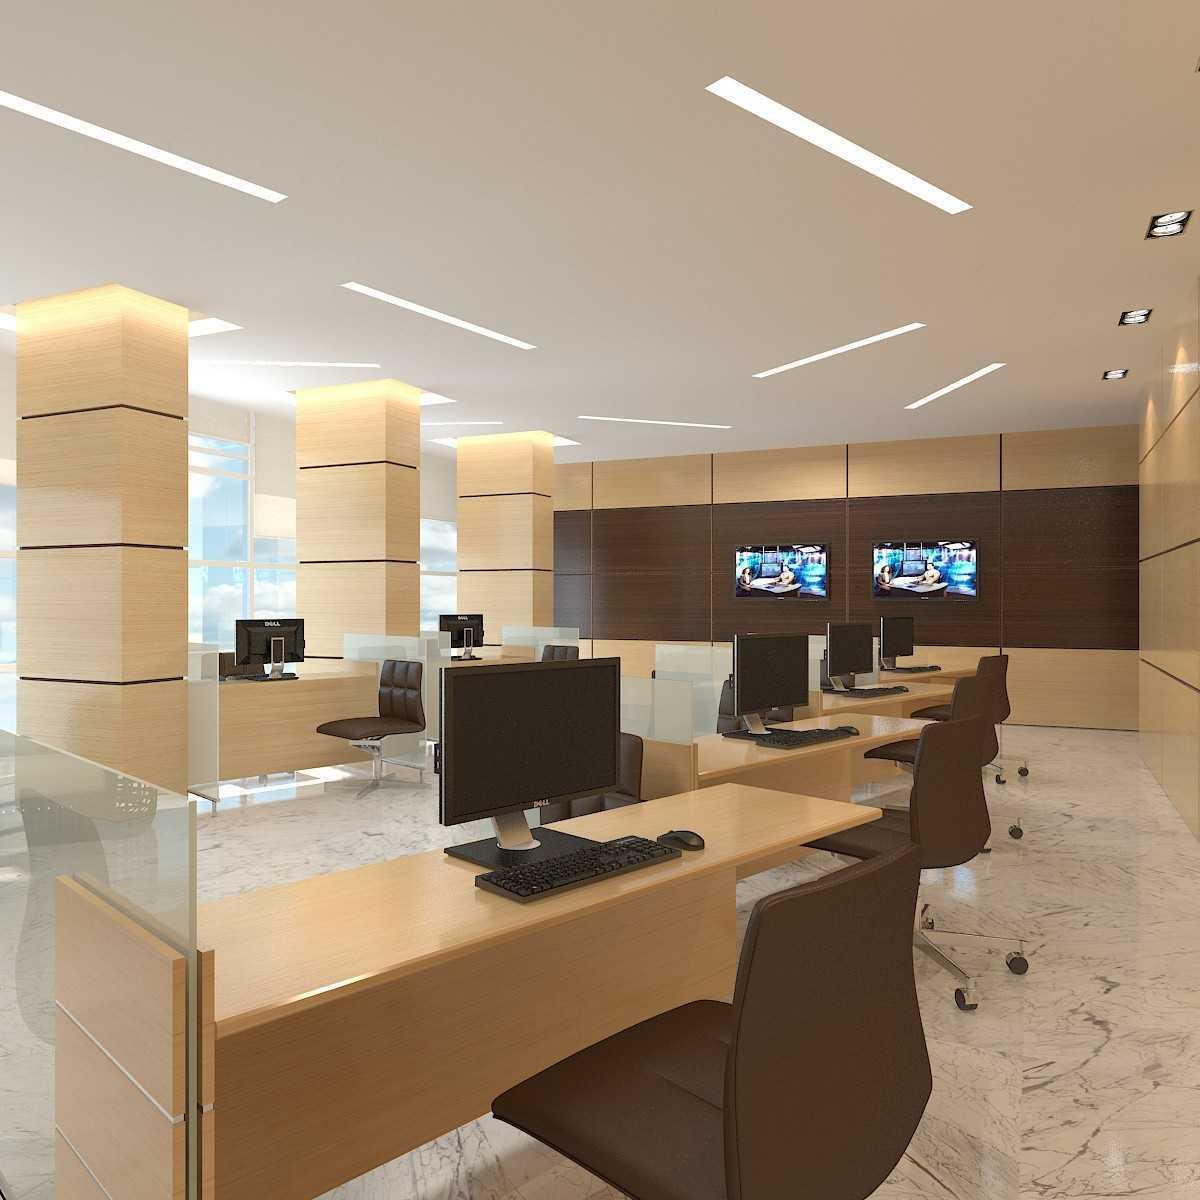 Jr Design Kantor Bank Bni West Jakarta, Kebon Jeruk, West Jakarta City, Jakarta, Indonesia West Jakarta, Kebon Jeruk, West Jakarta City, Jakarta, Indonesia Img0522 Modern 32056